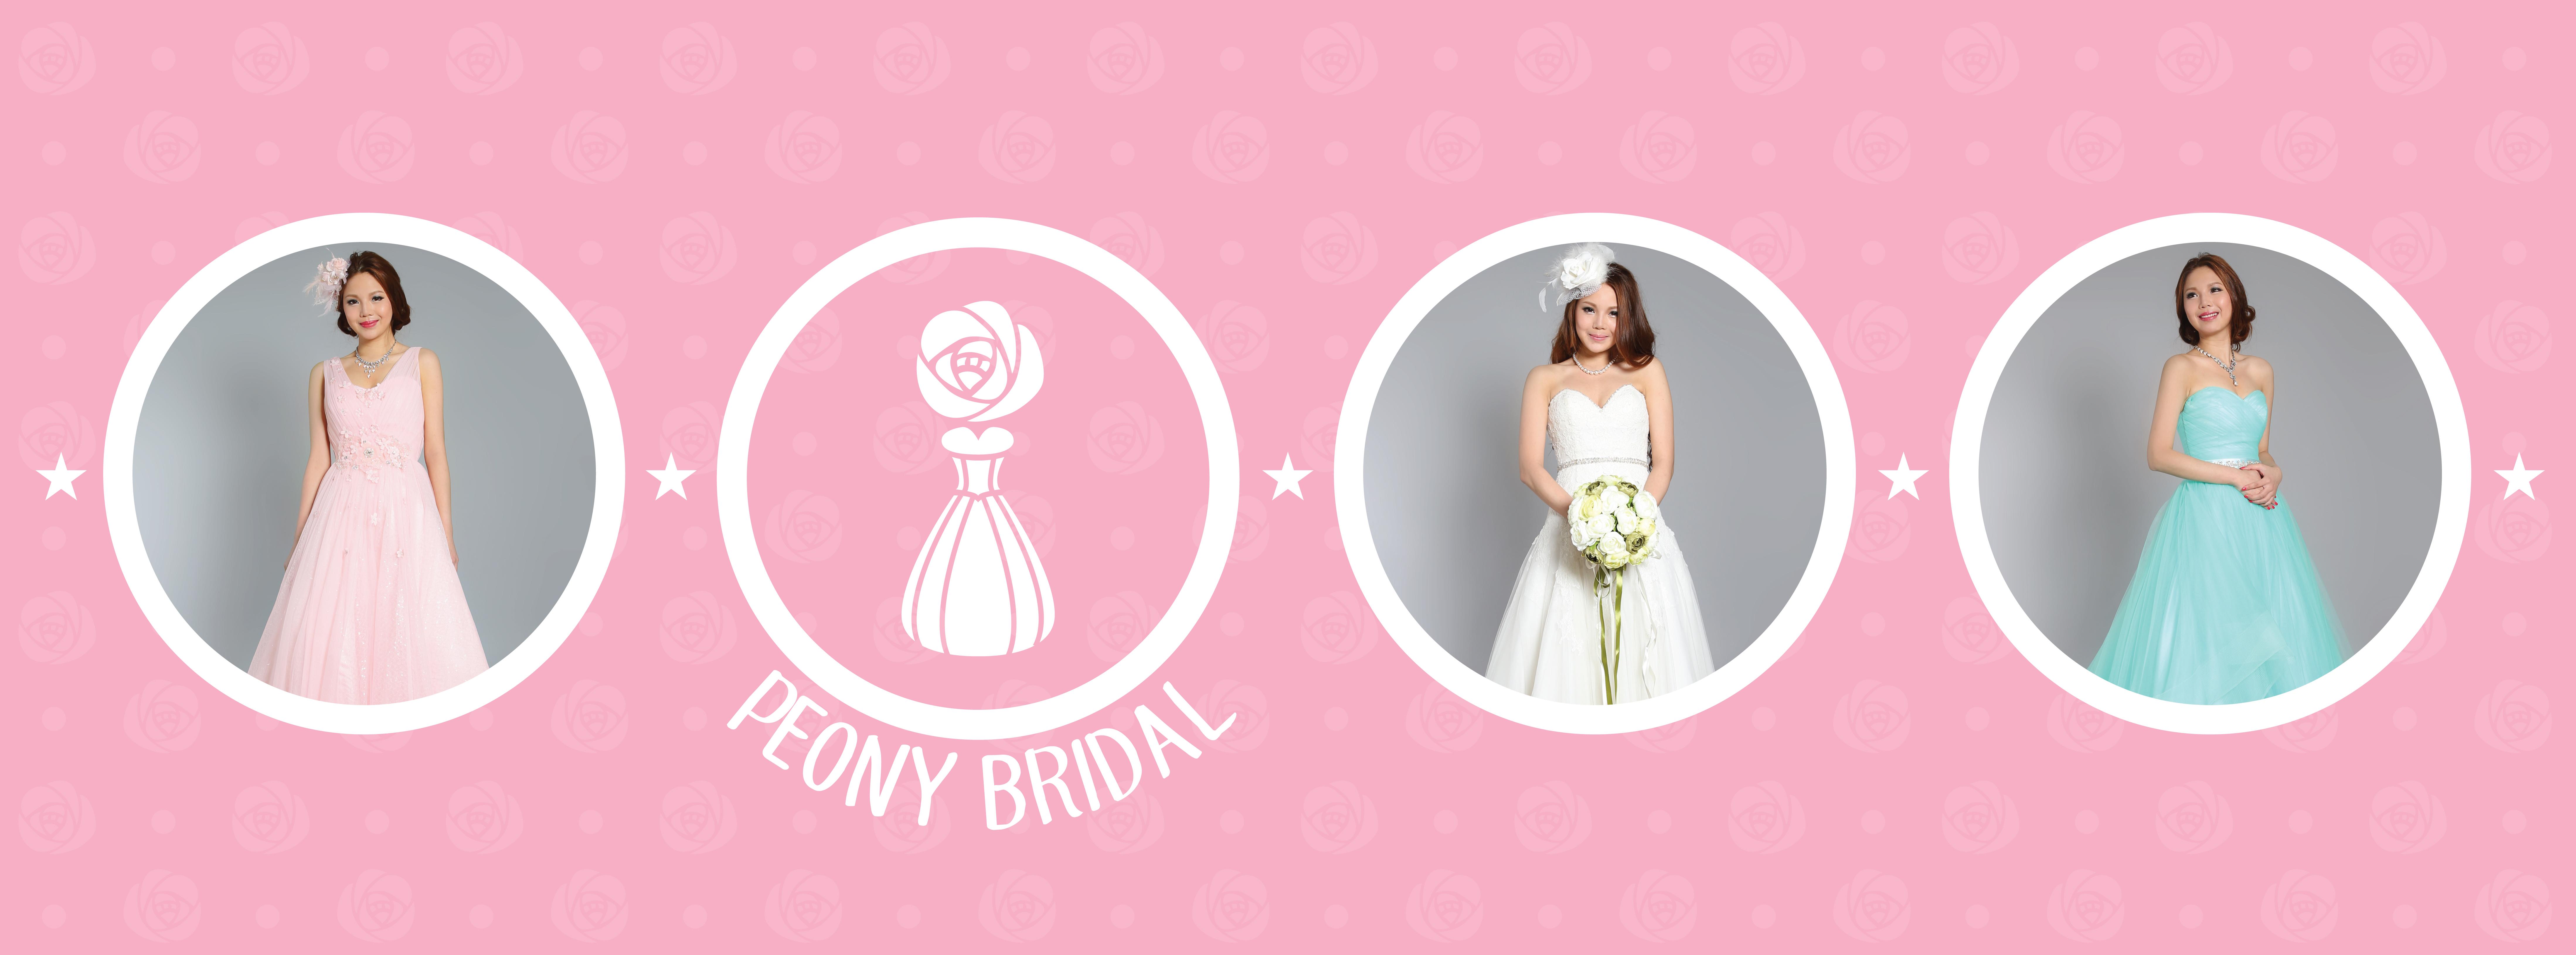 Peony Bridal Branding Exercise